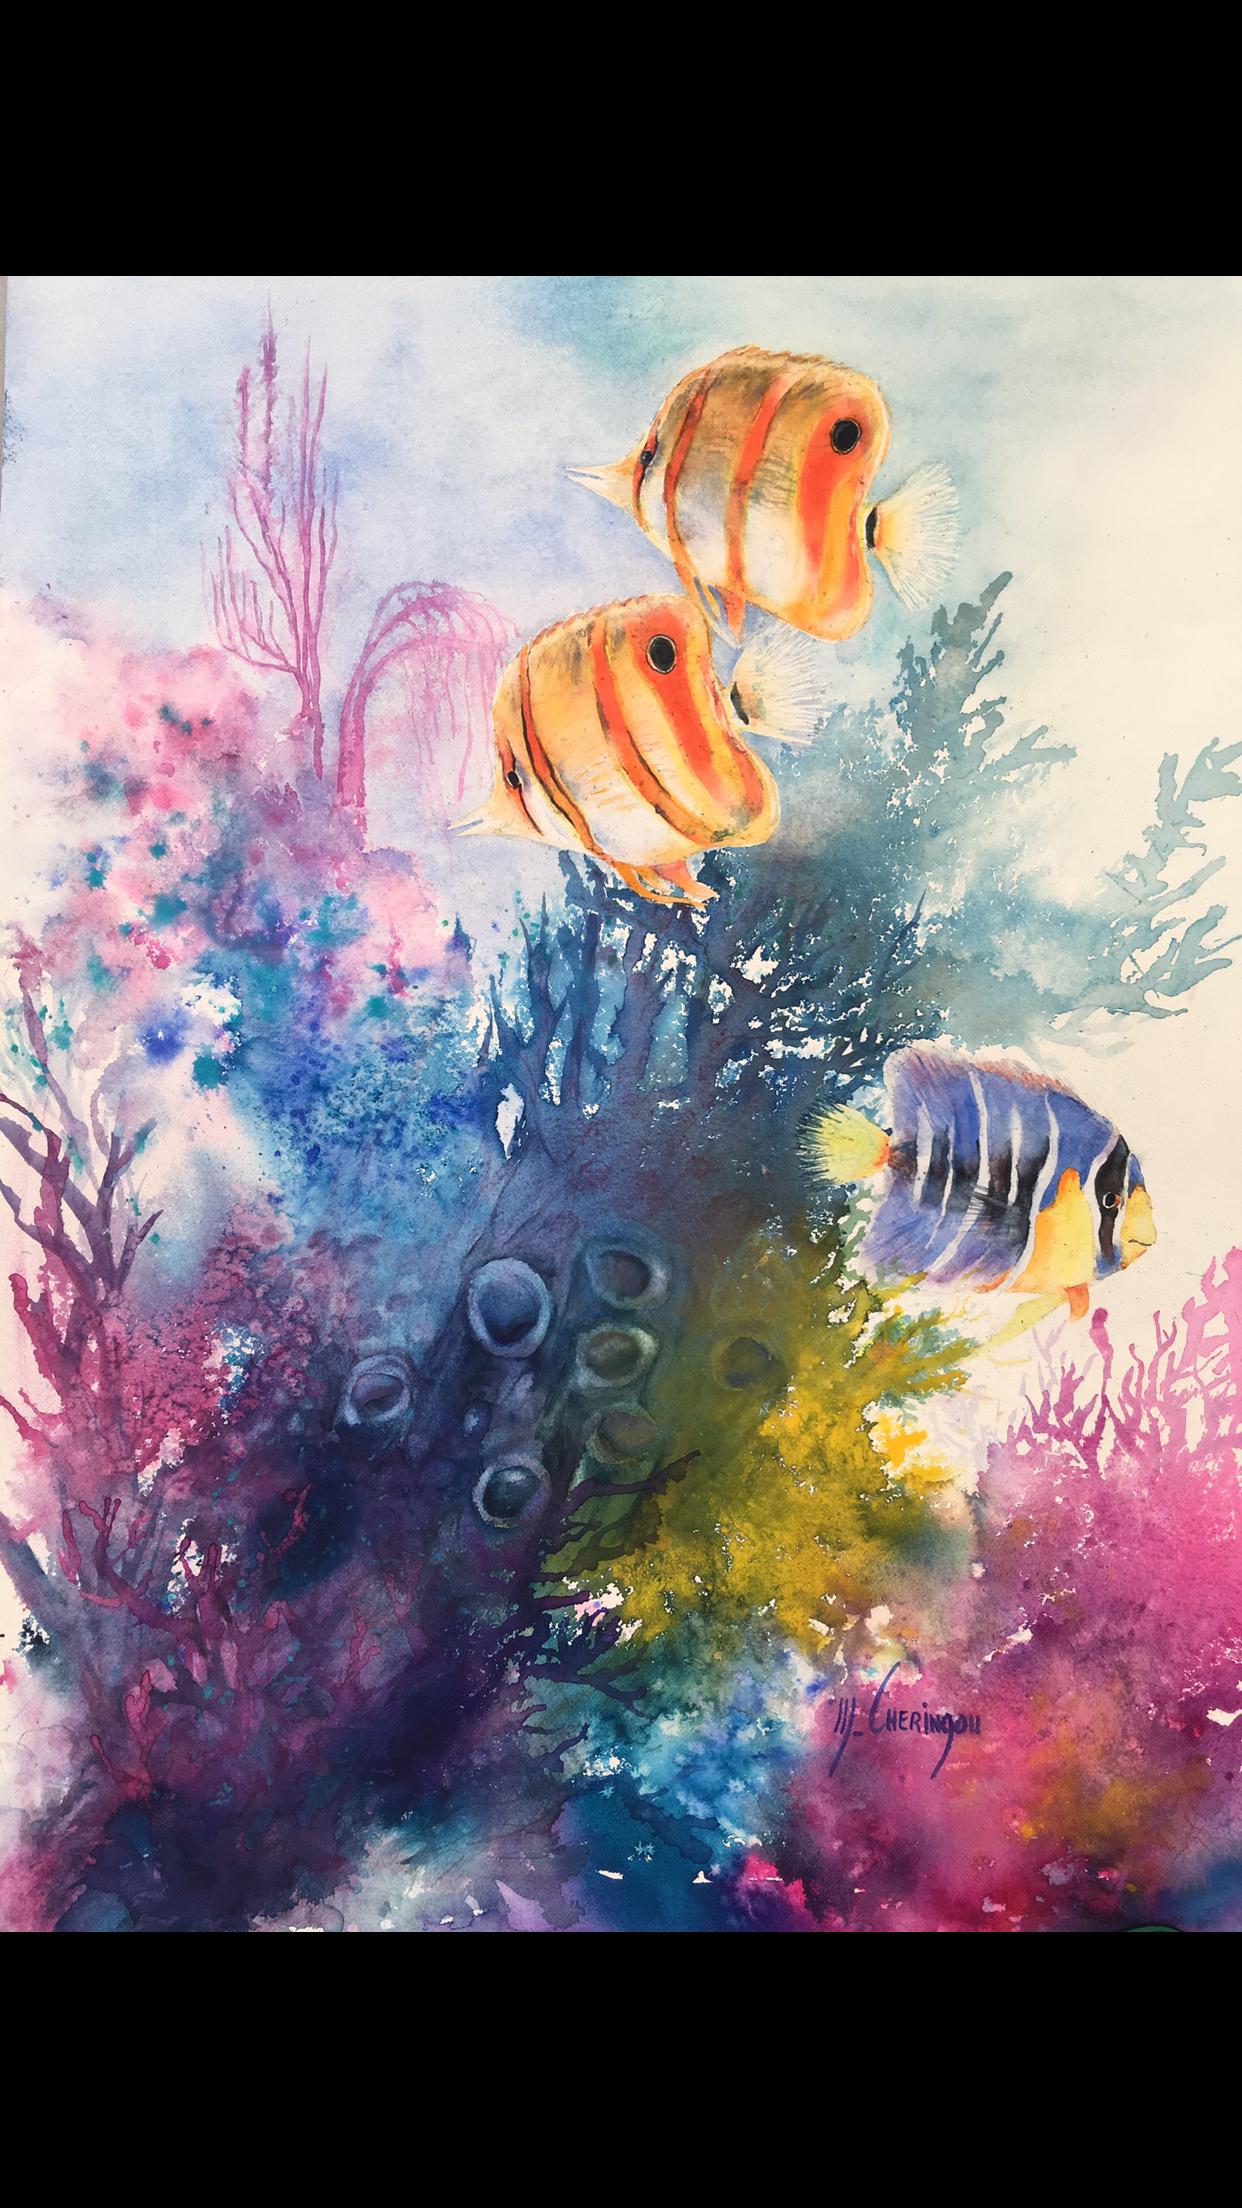 Épinglé sur Fonds marins aquarelle